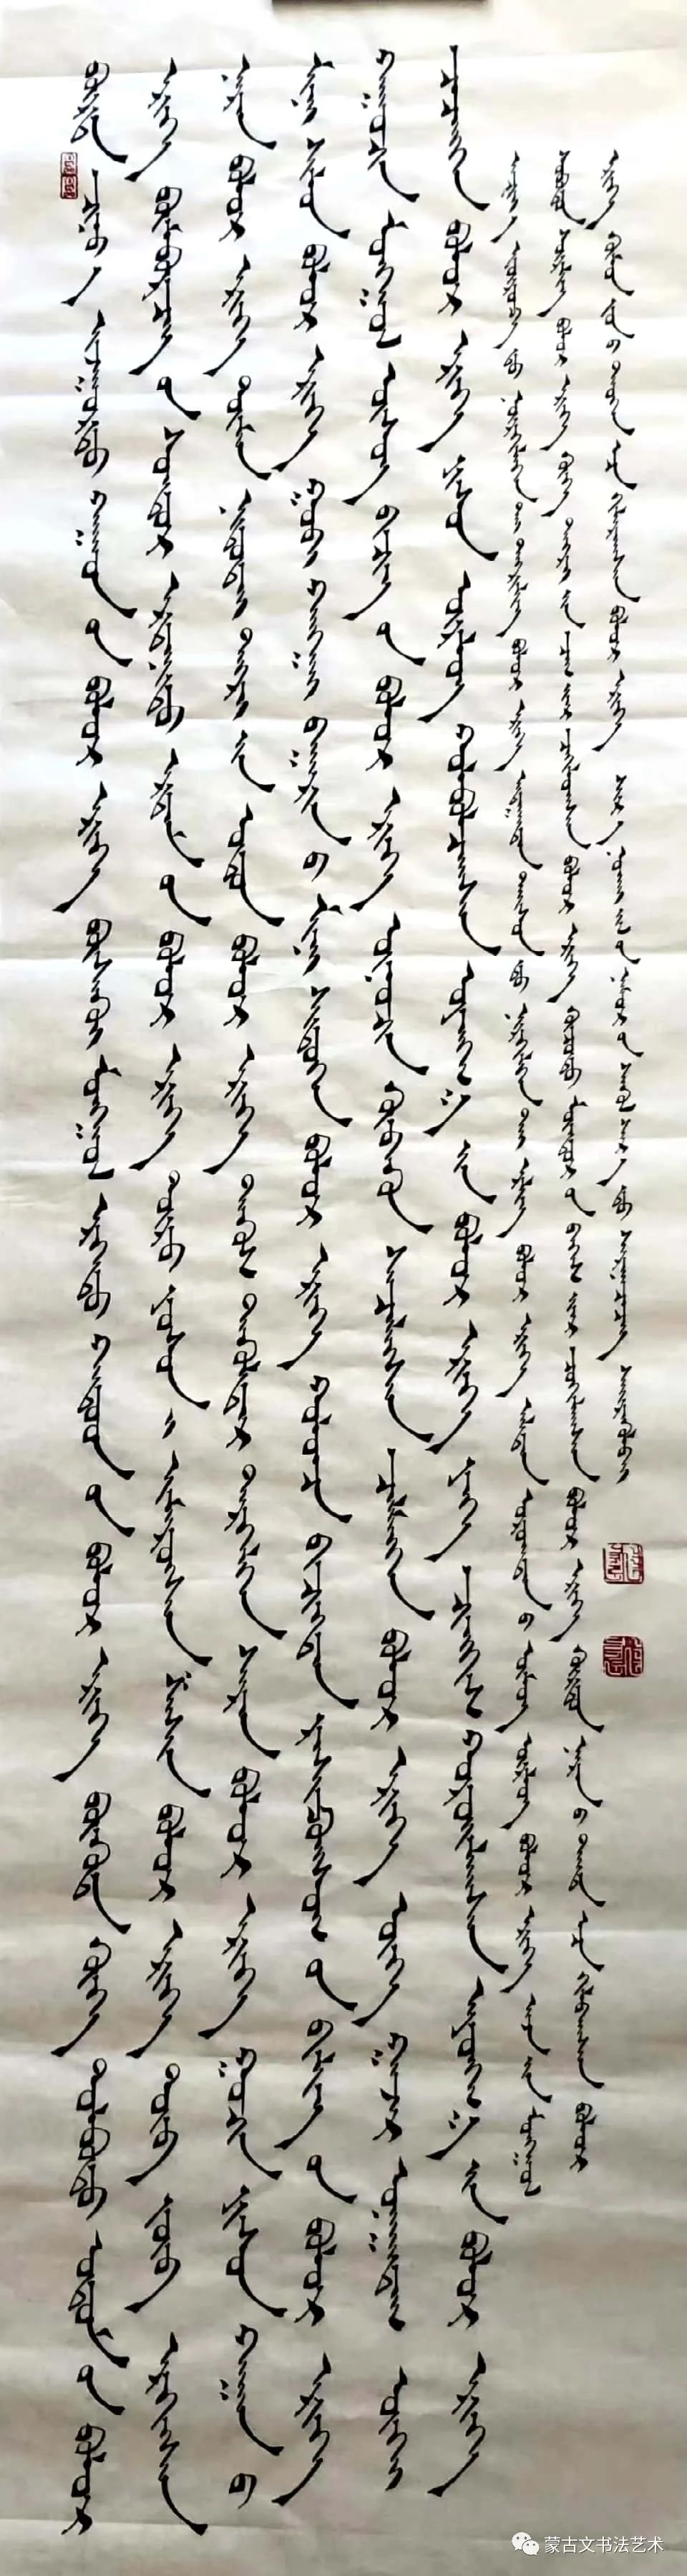 萨日那其其格蒙古文书法 第5张 萨日那其其格蒙古文书法 蒙古书法